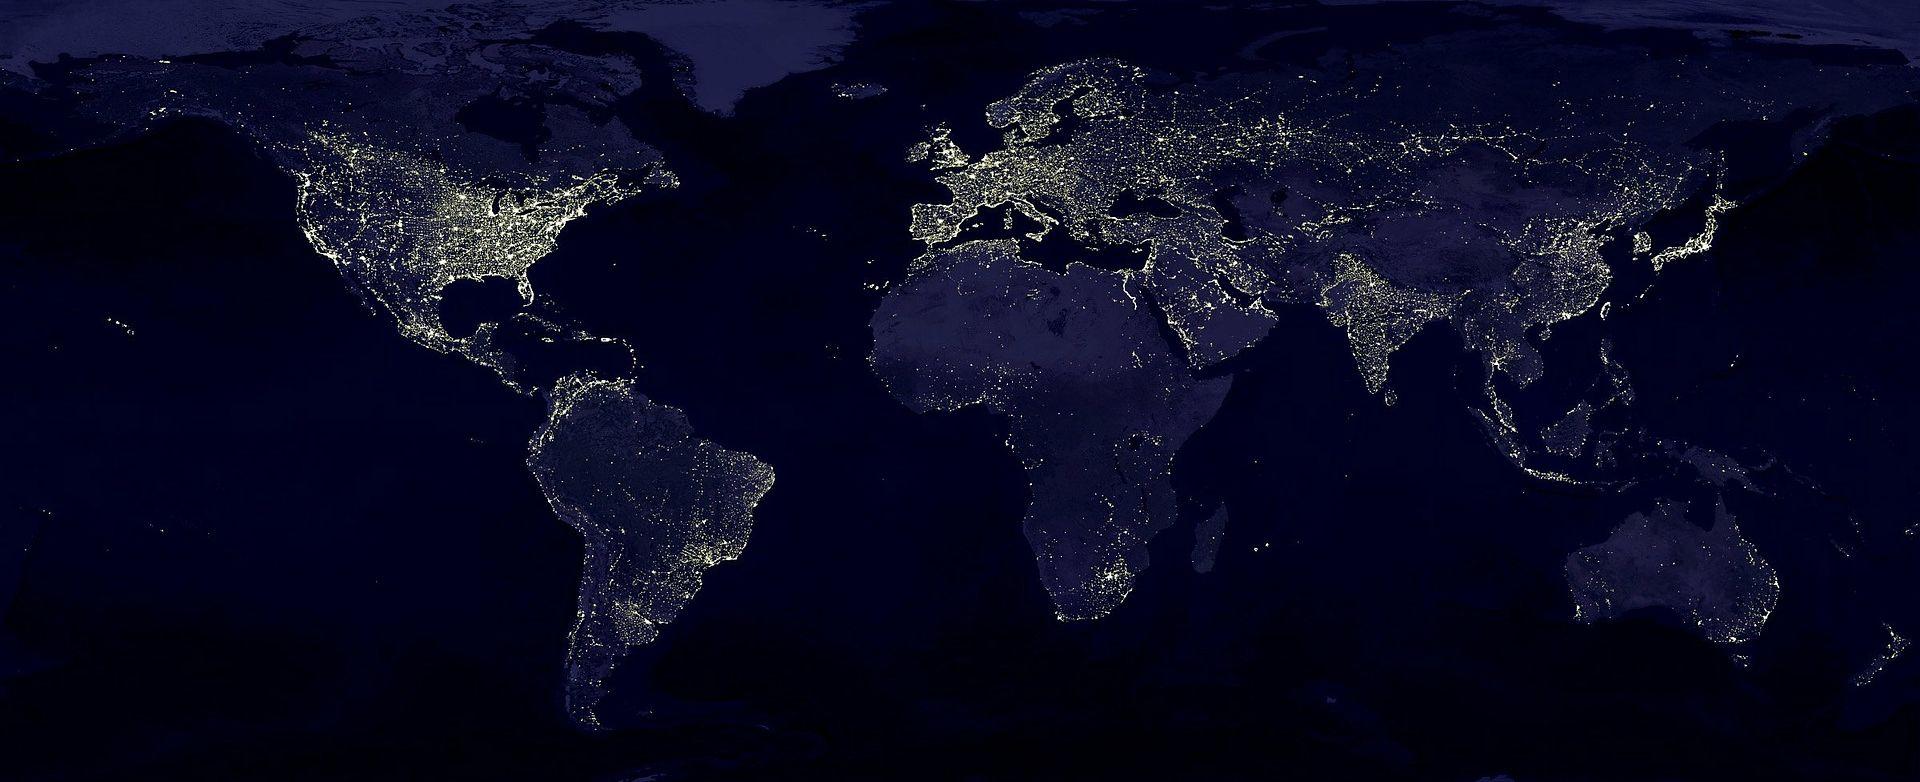 Nasa u svemir lansirala laser za proučavanje leda na Zemlji